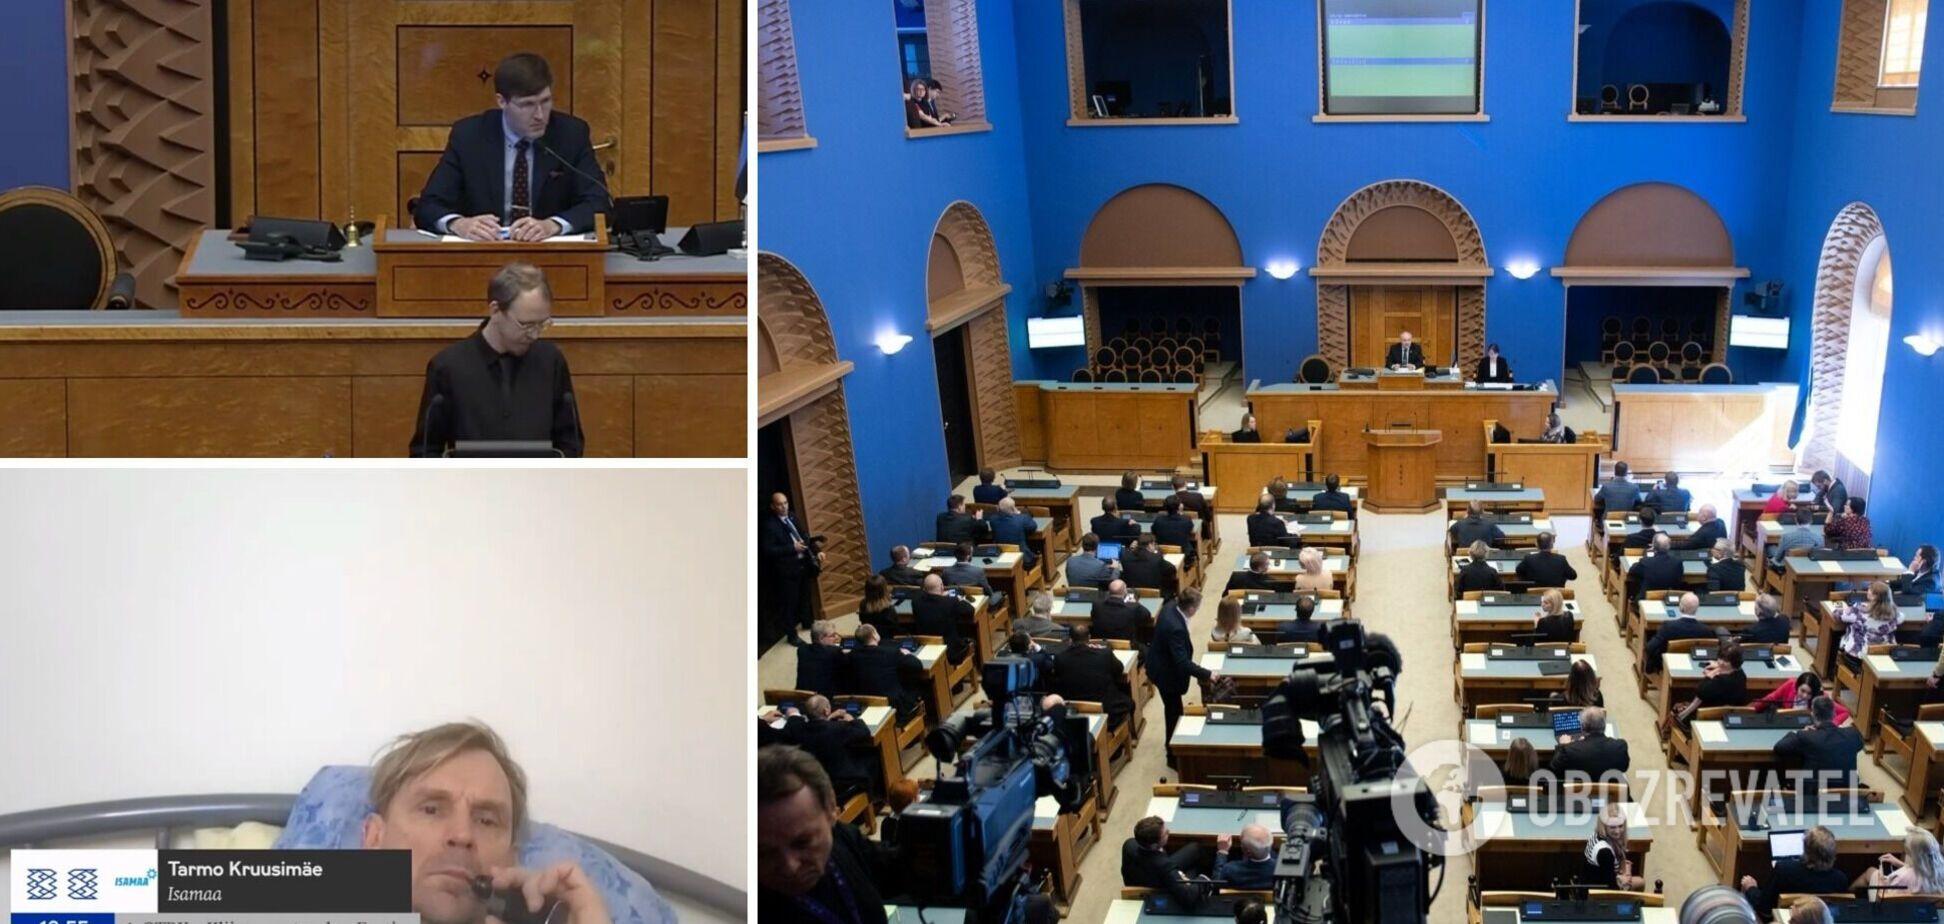 Депутата в Естонії застали напівоголеним та з сигаретою під час онлайн-засідання парламенту. Відео